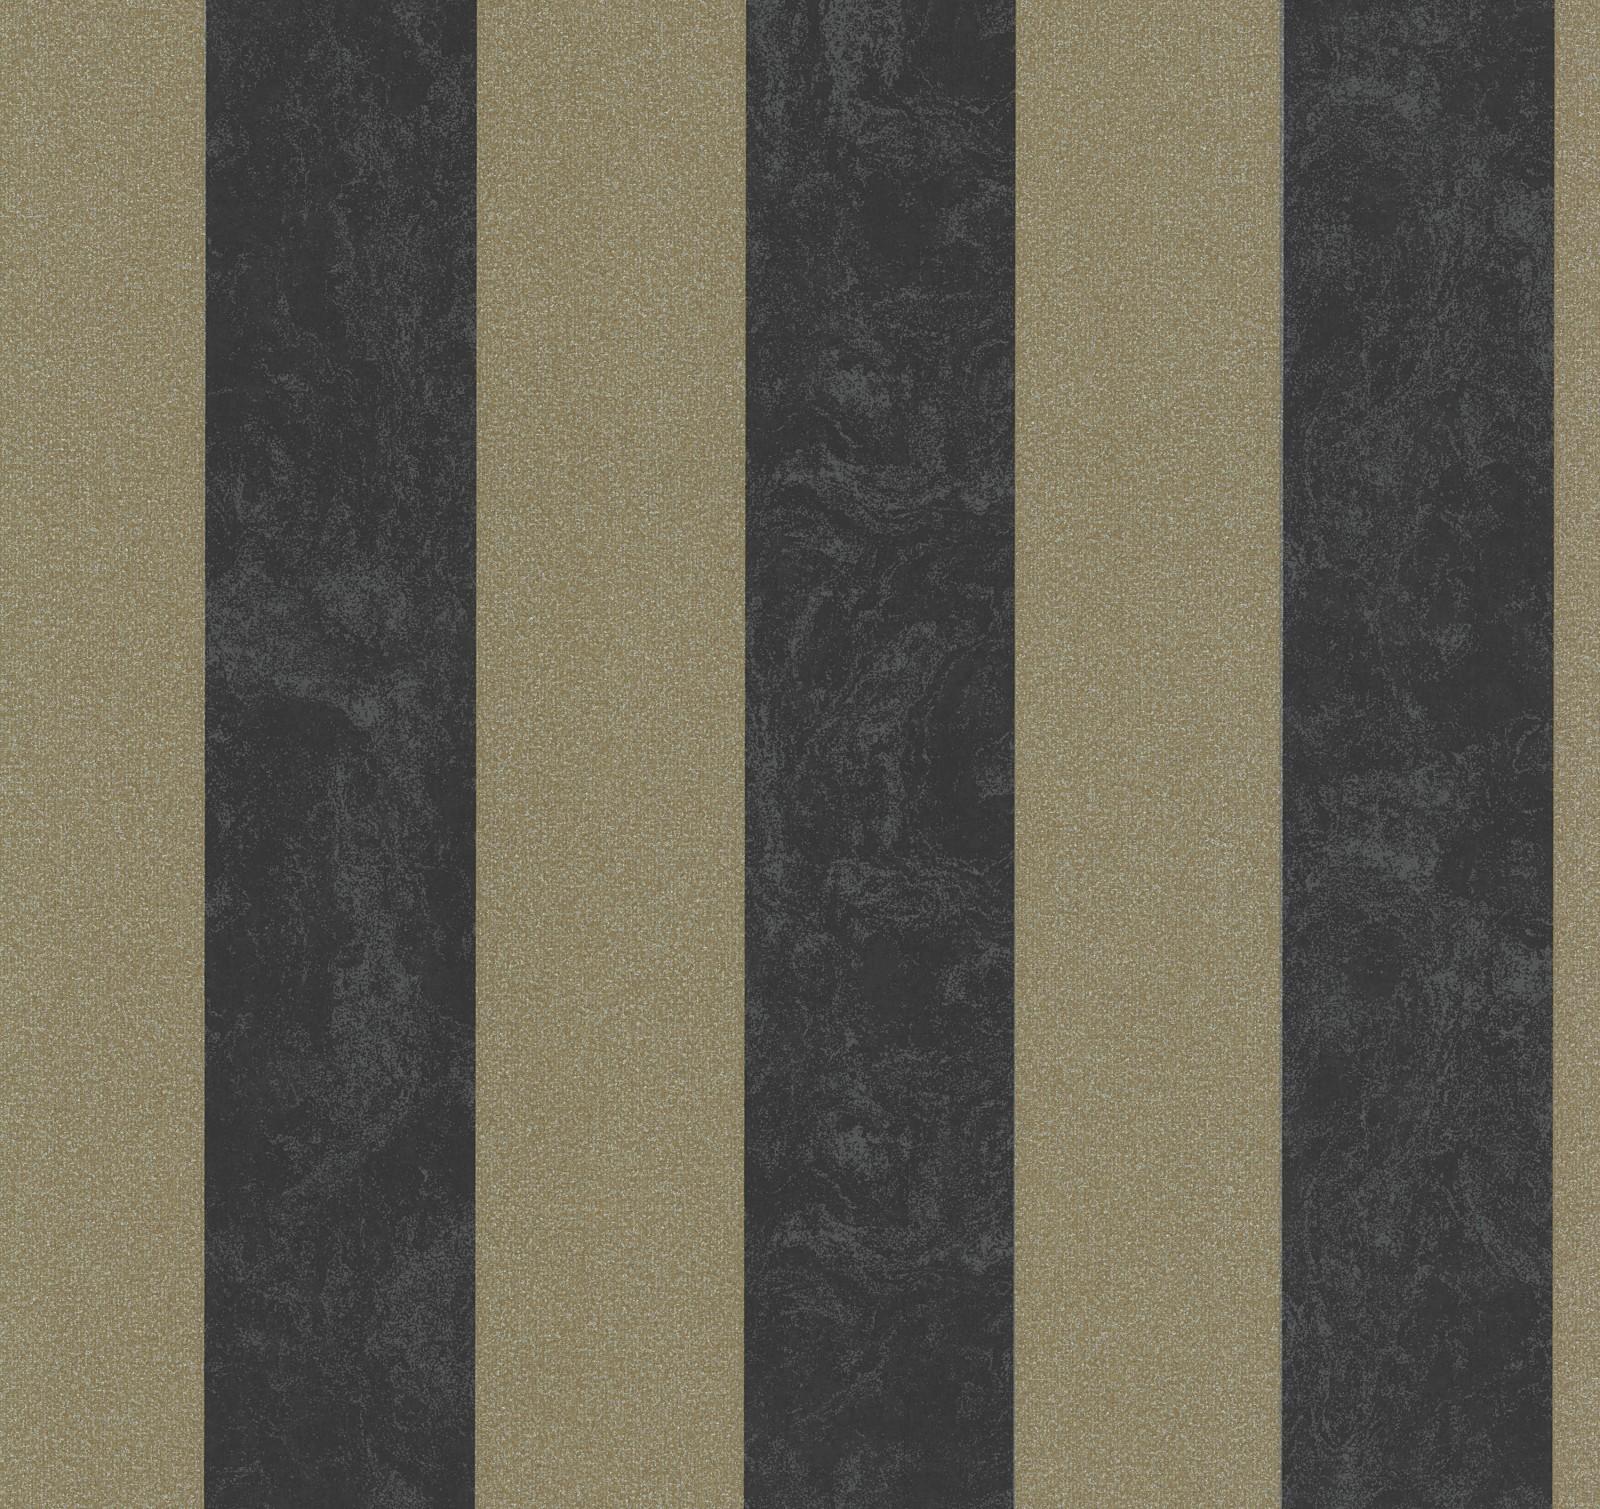 Tapete streifen schwarz braun glitzer carat 13346 90 for Schwarze glitzer tapete